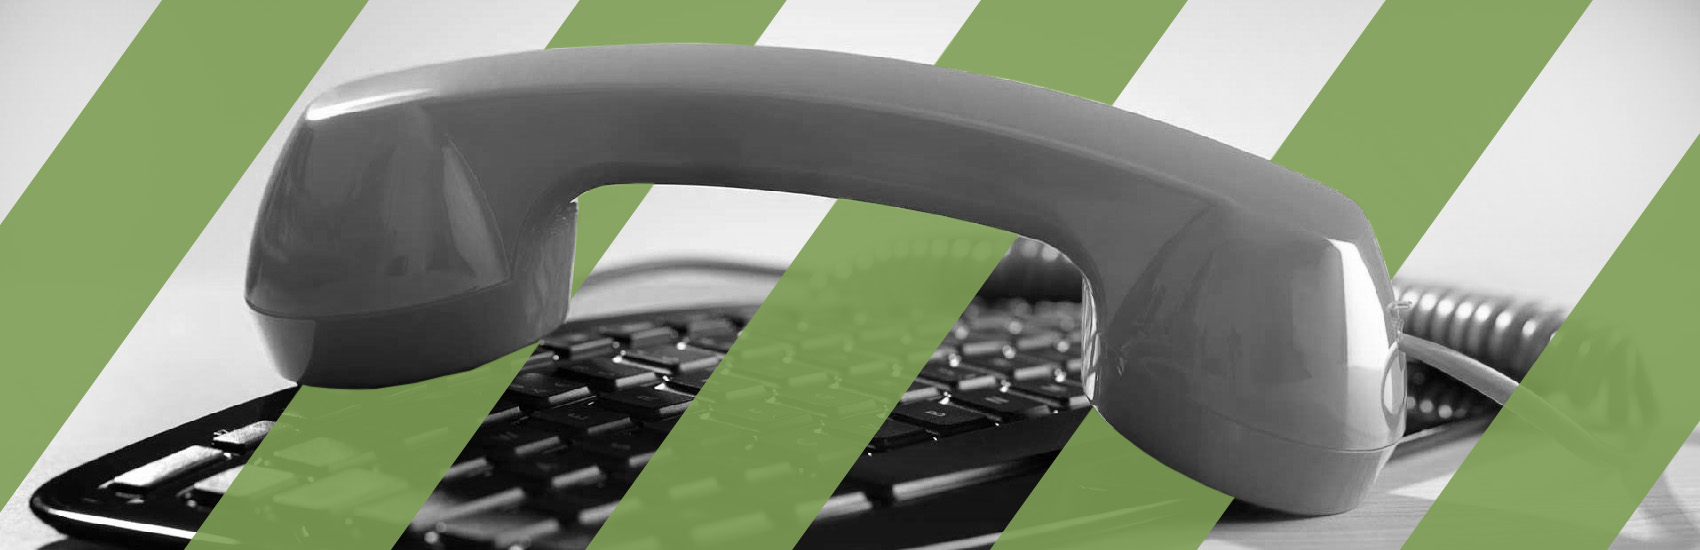 Организовать круглосуточную службу поддержки по телефону